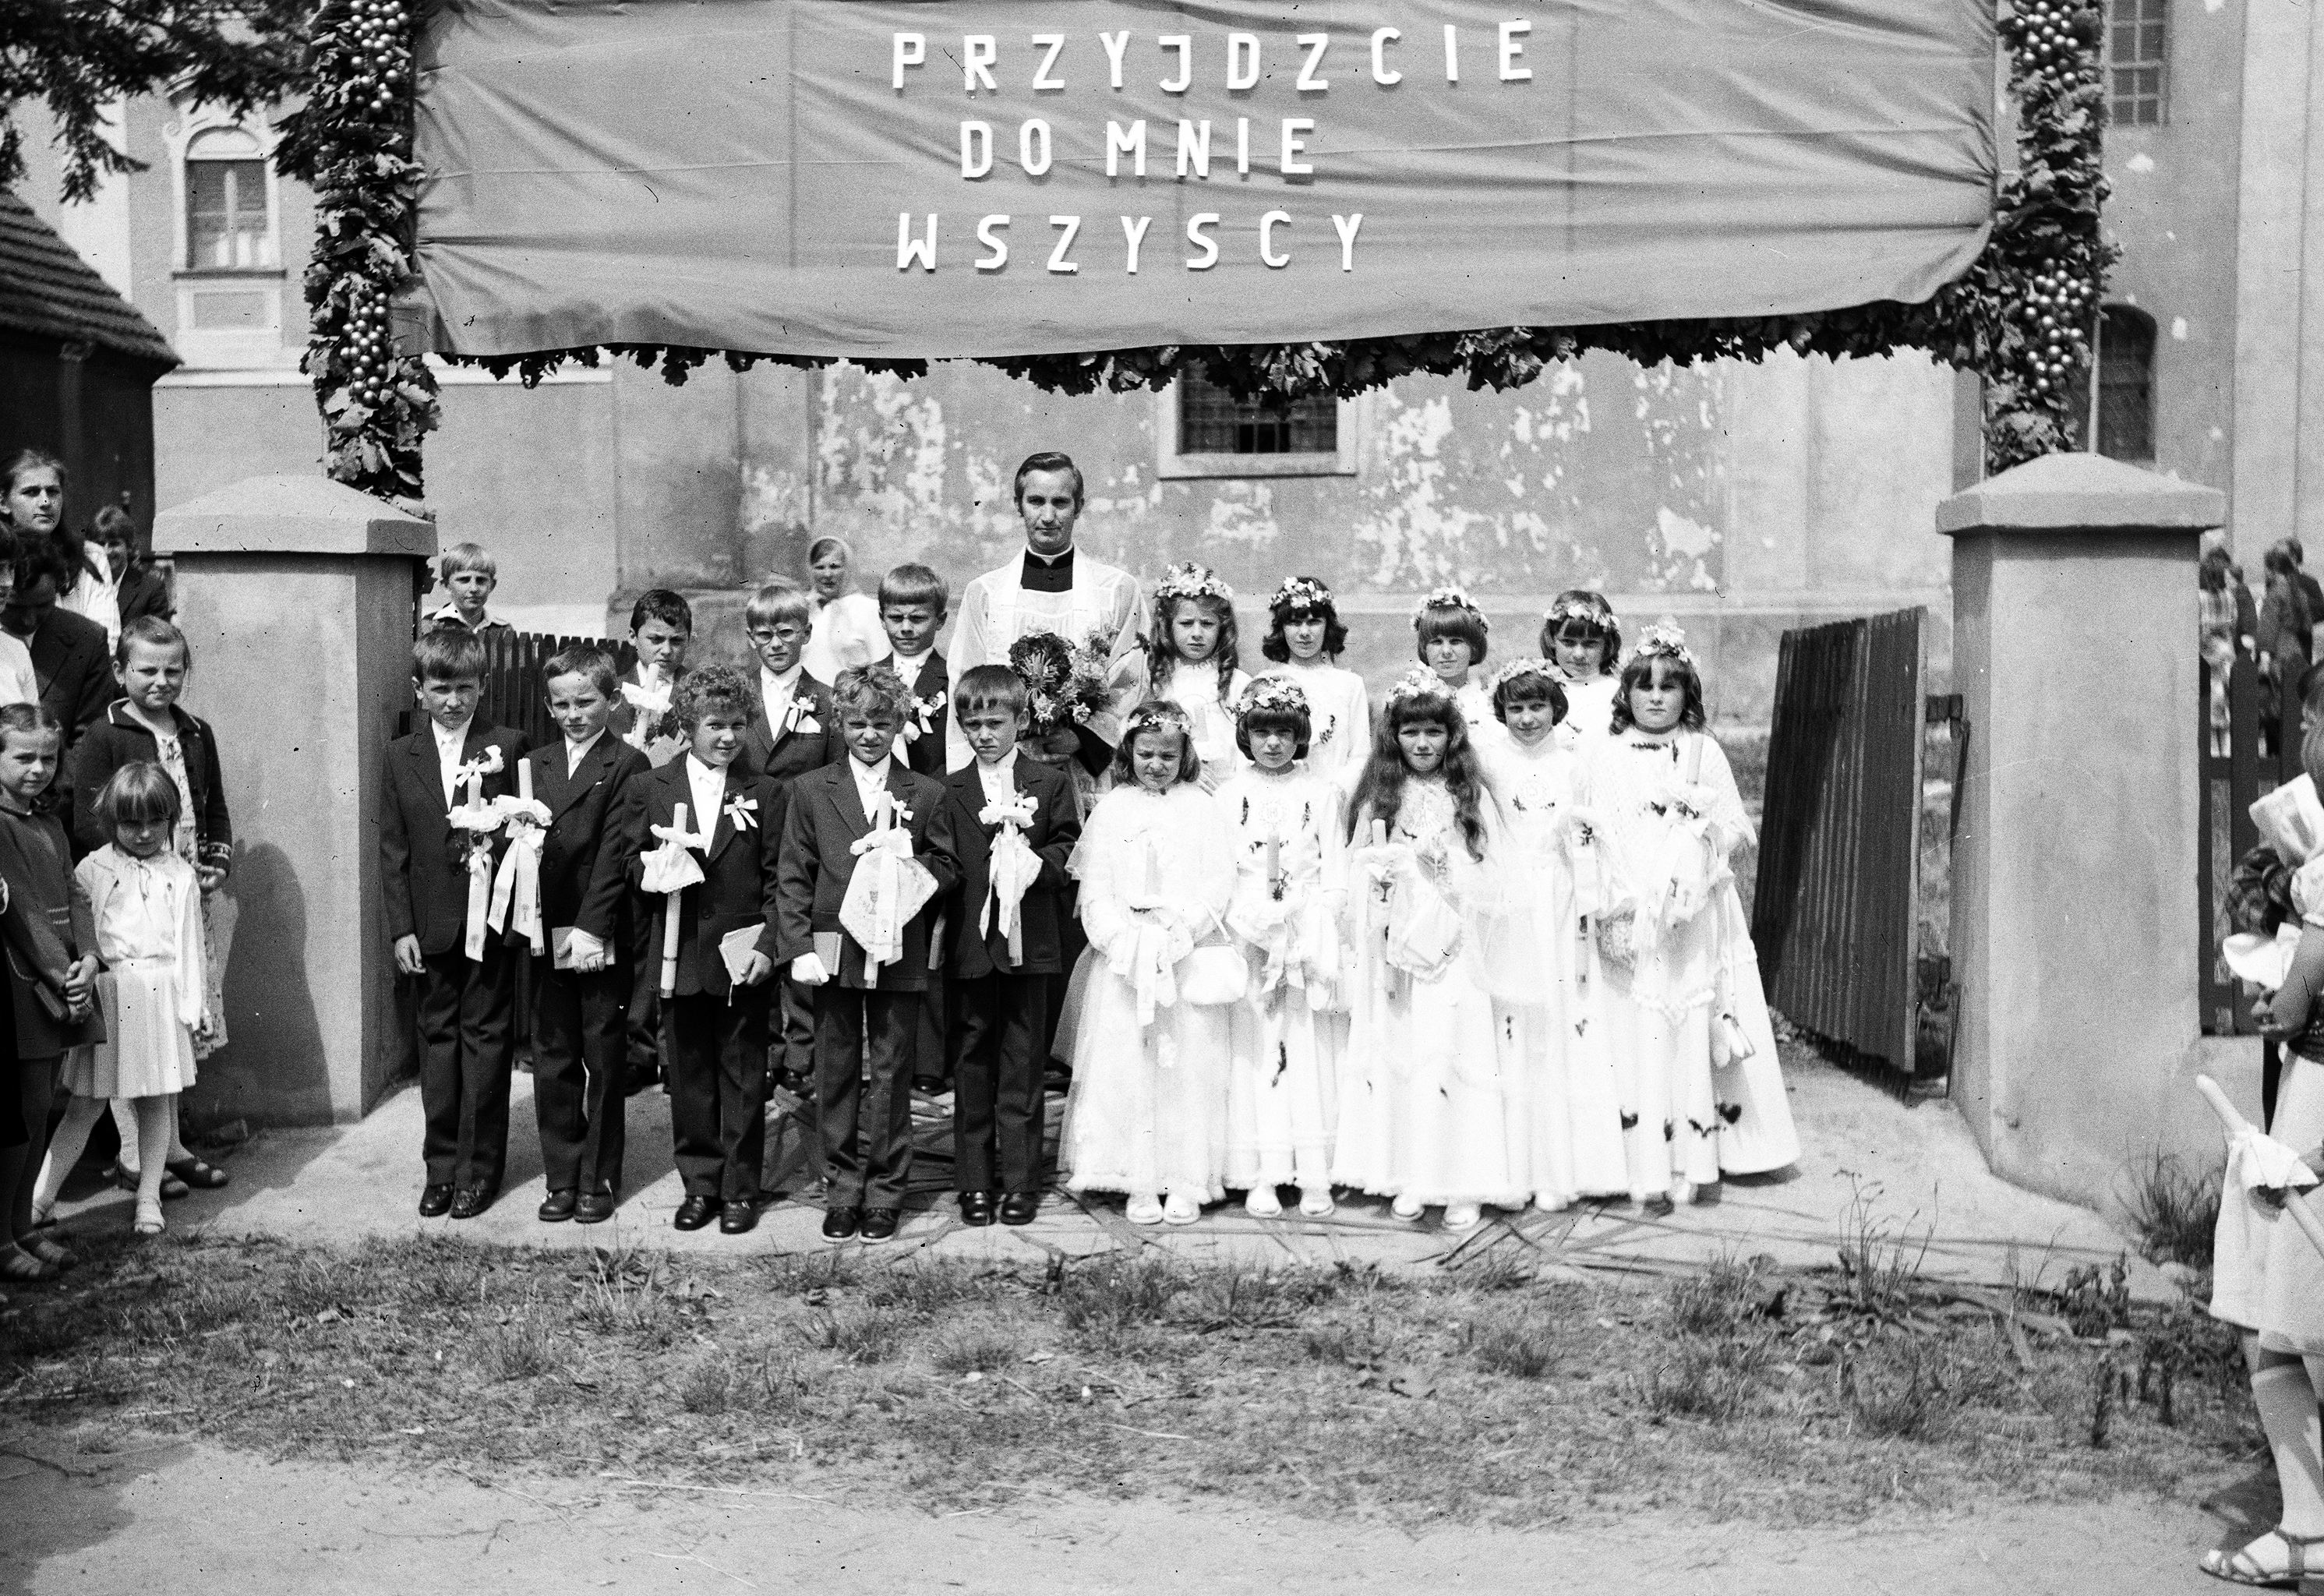 Zdjęcie grupowe z Pierwszej Komunii Świętej, Głębowice, Dolny Śląsk, 1982.